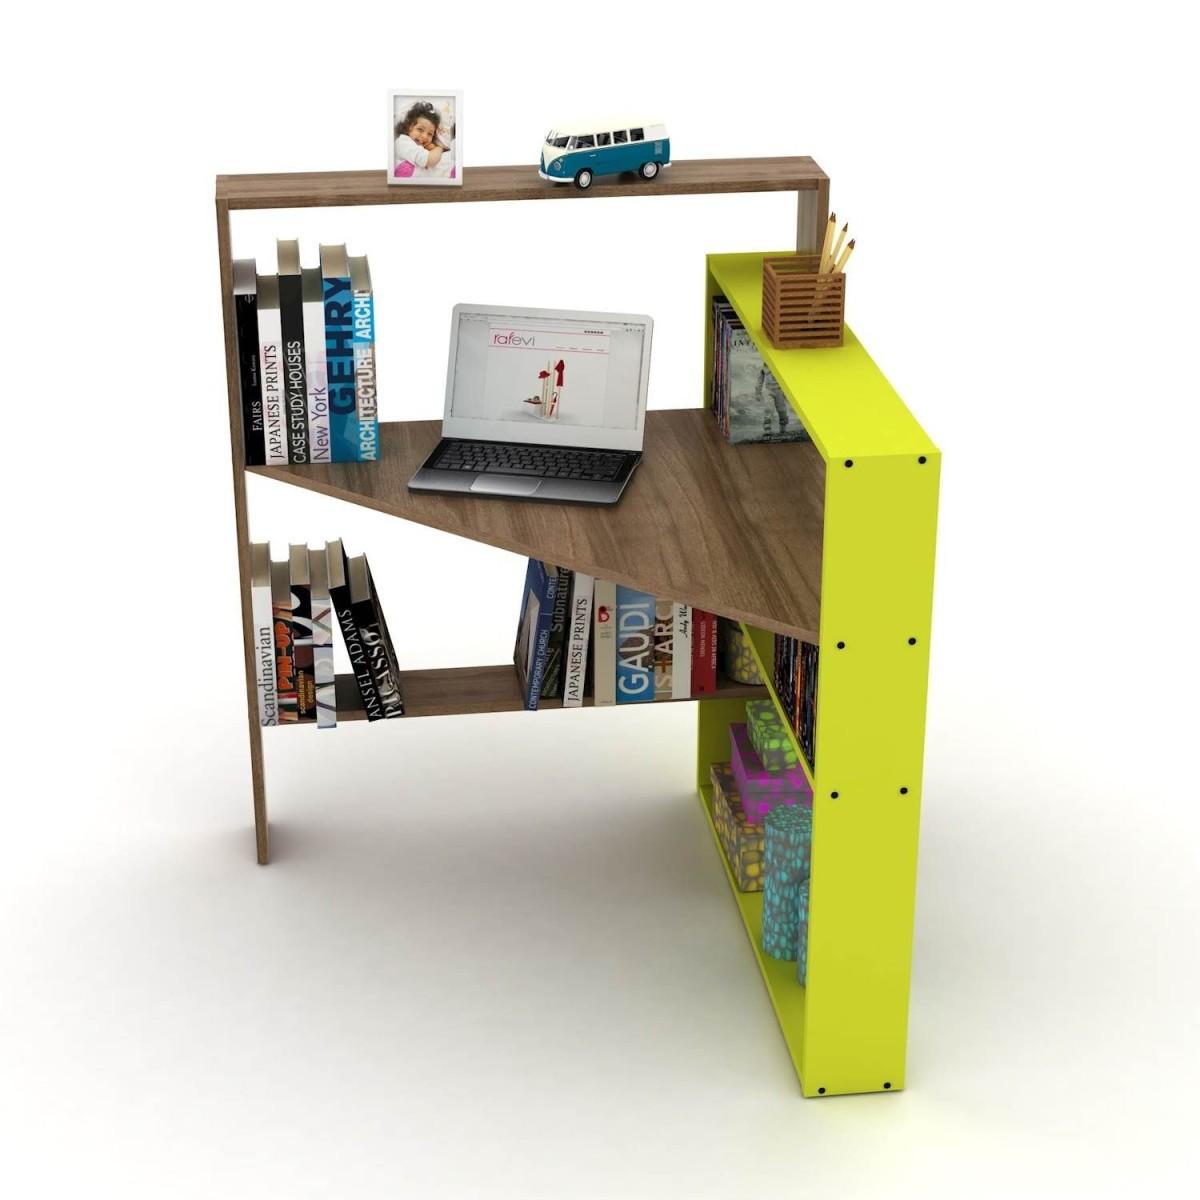 Geometry libreria angolare con scrivania porta pc salvaspazio - Mensole porta pc ...